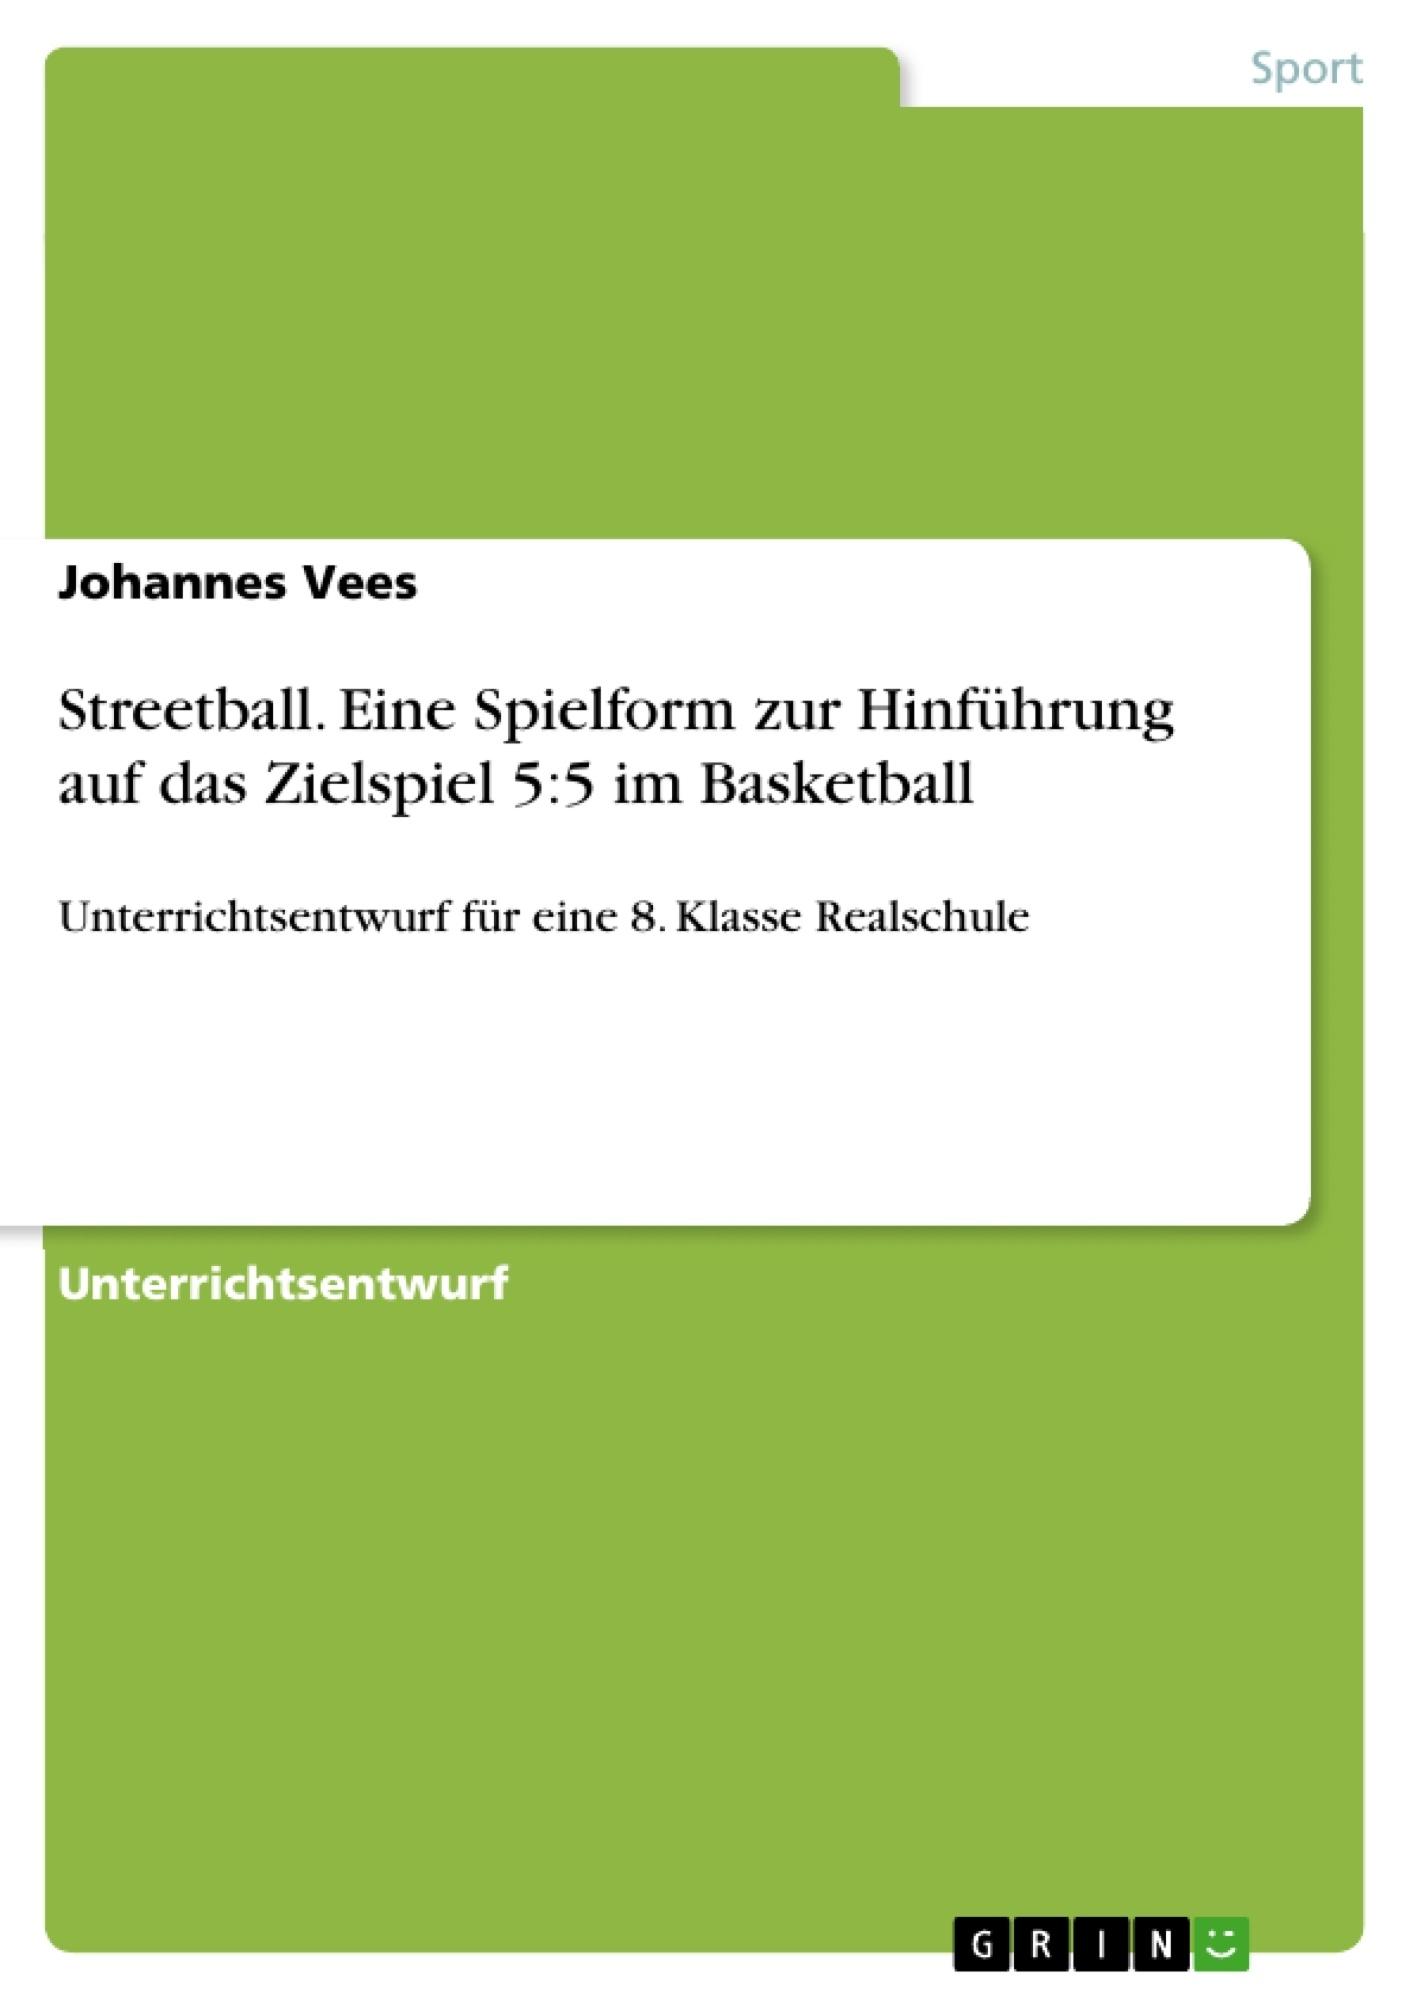 Titel: Streetball. Eine Spielform zur Hinführung auf das Zielspiel 5:5 im Basketball